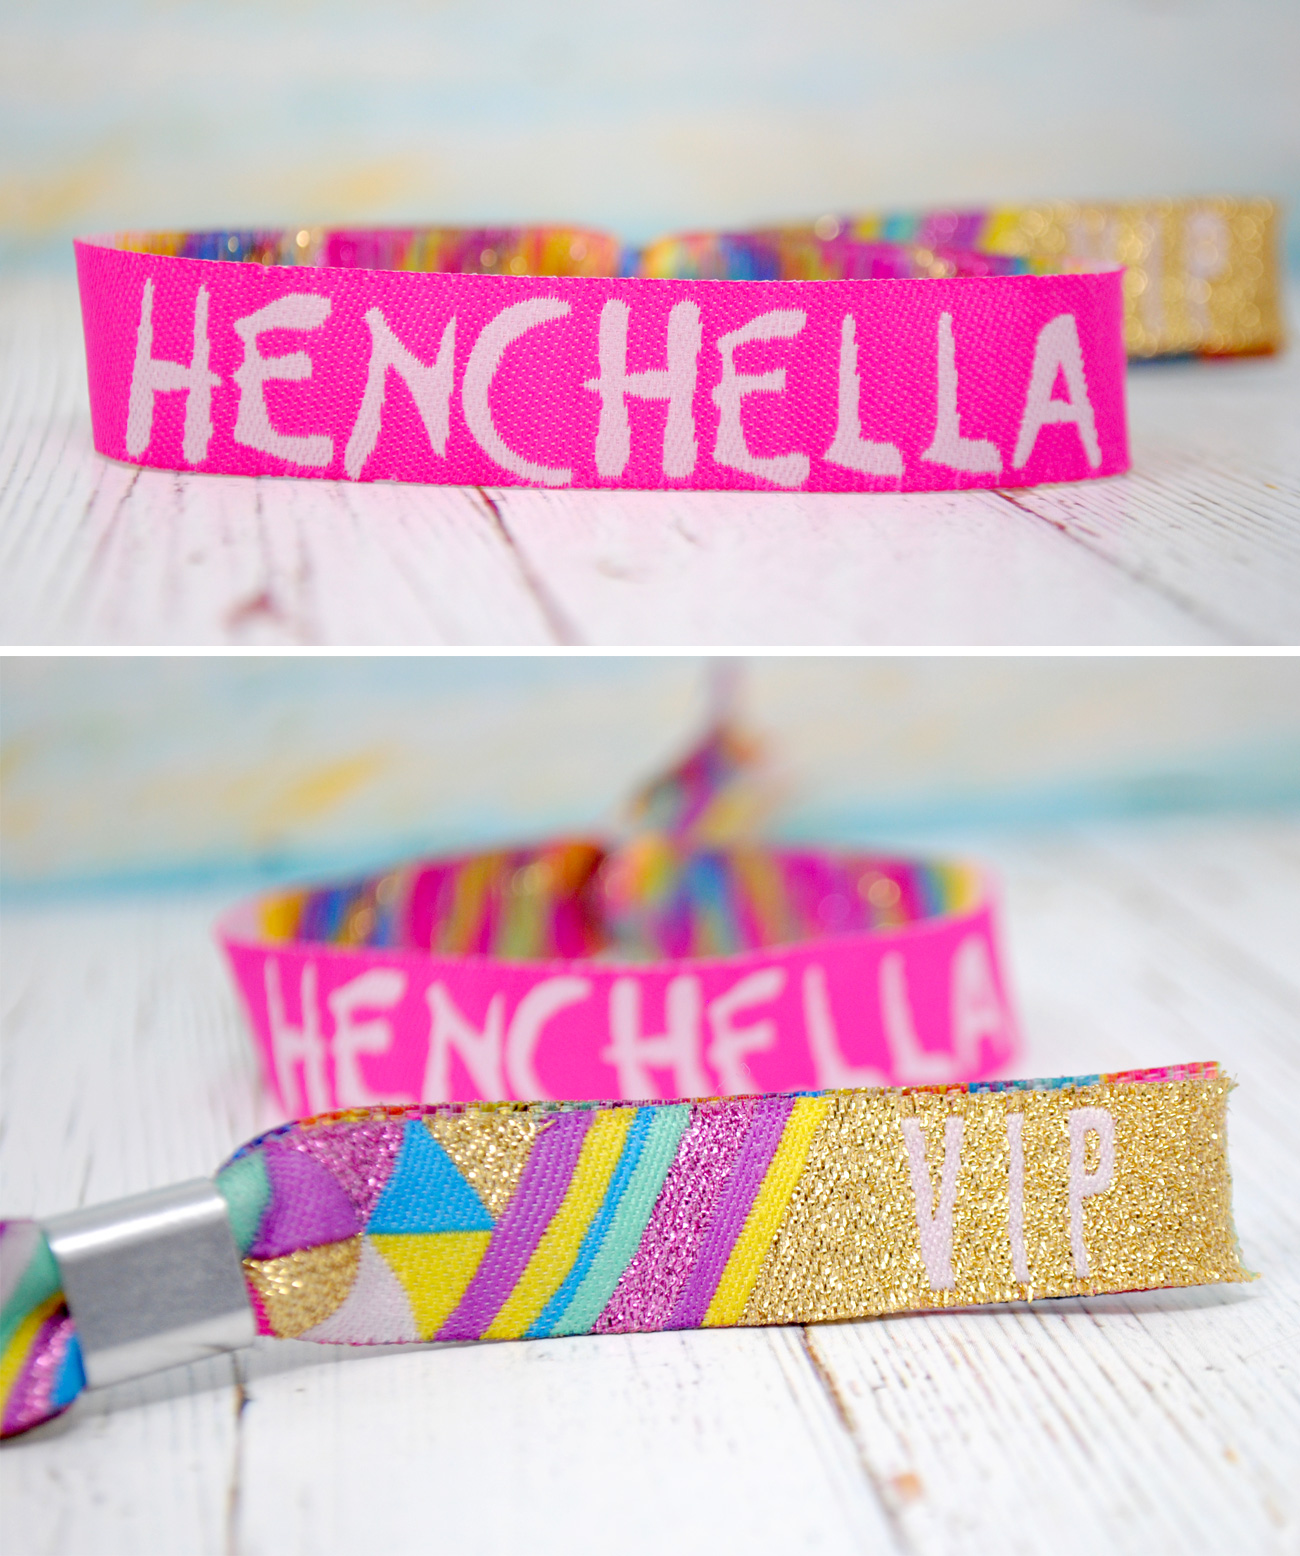 henchella festival hen party wristband accessories